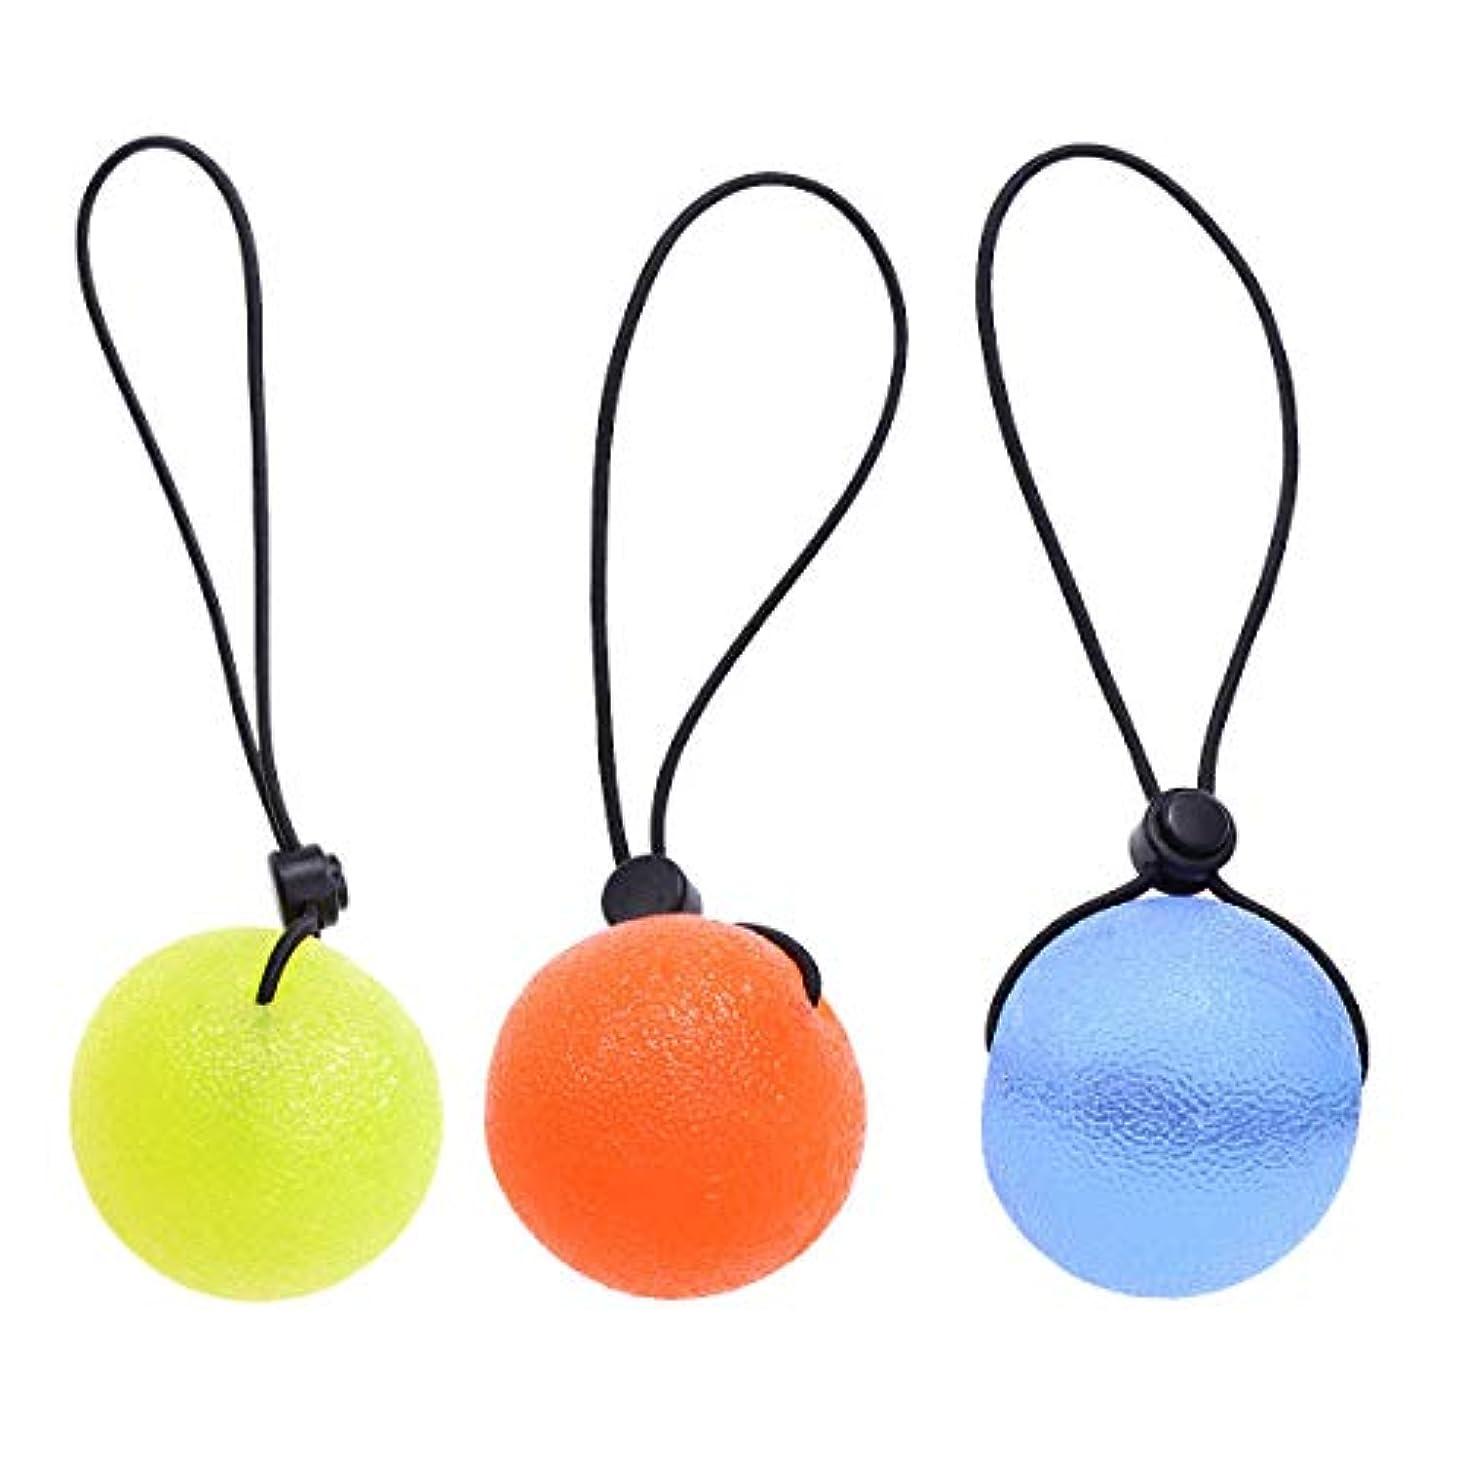 マキシムどう?句読点SUPVOX 3個ハンドグリップ強化剤フィンガーグリップセラピーエクササイズスクイズストレスボール